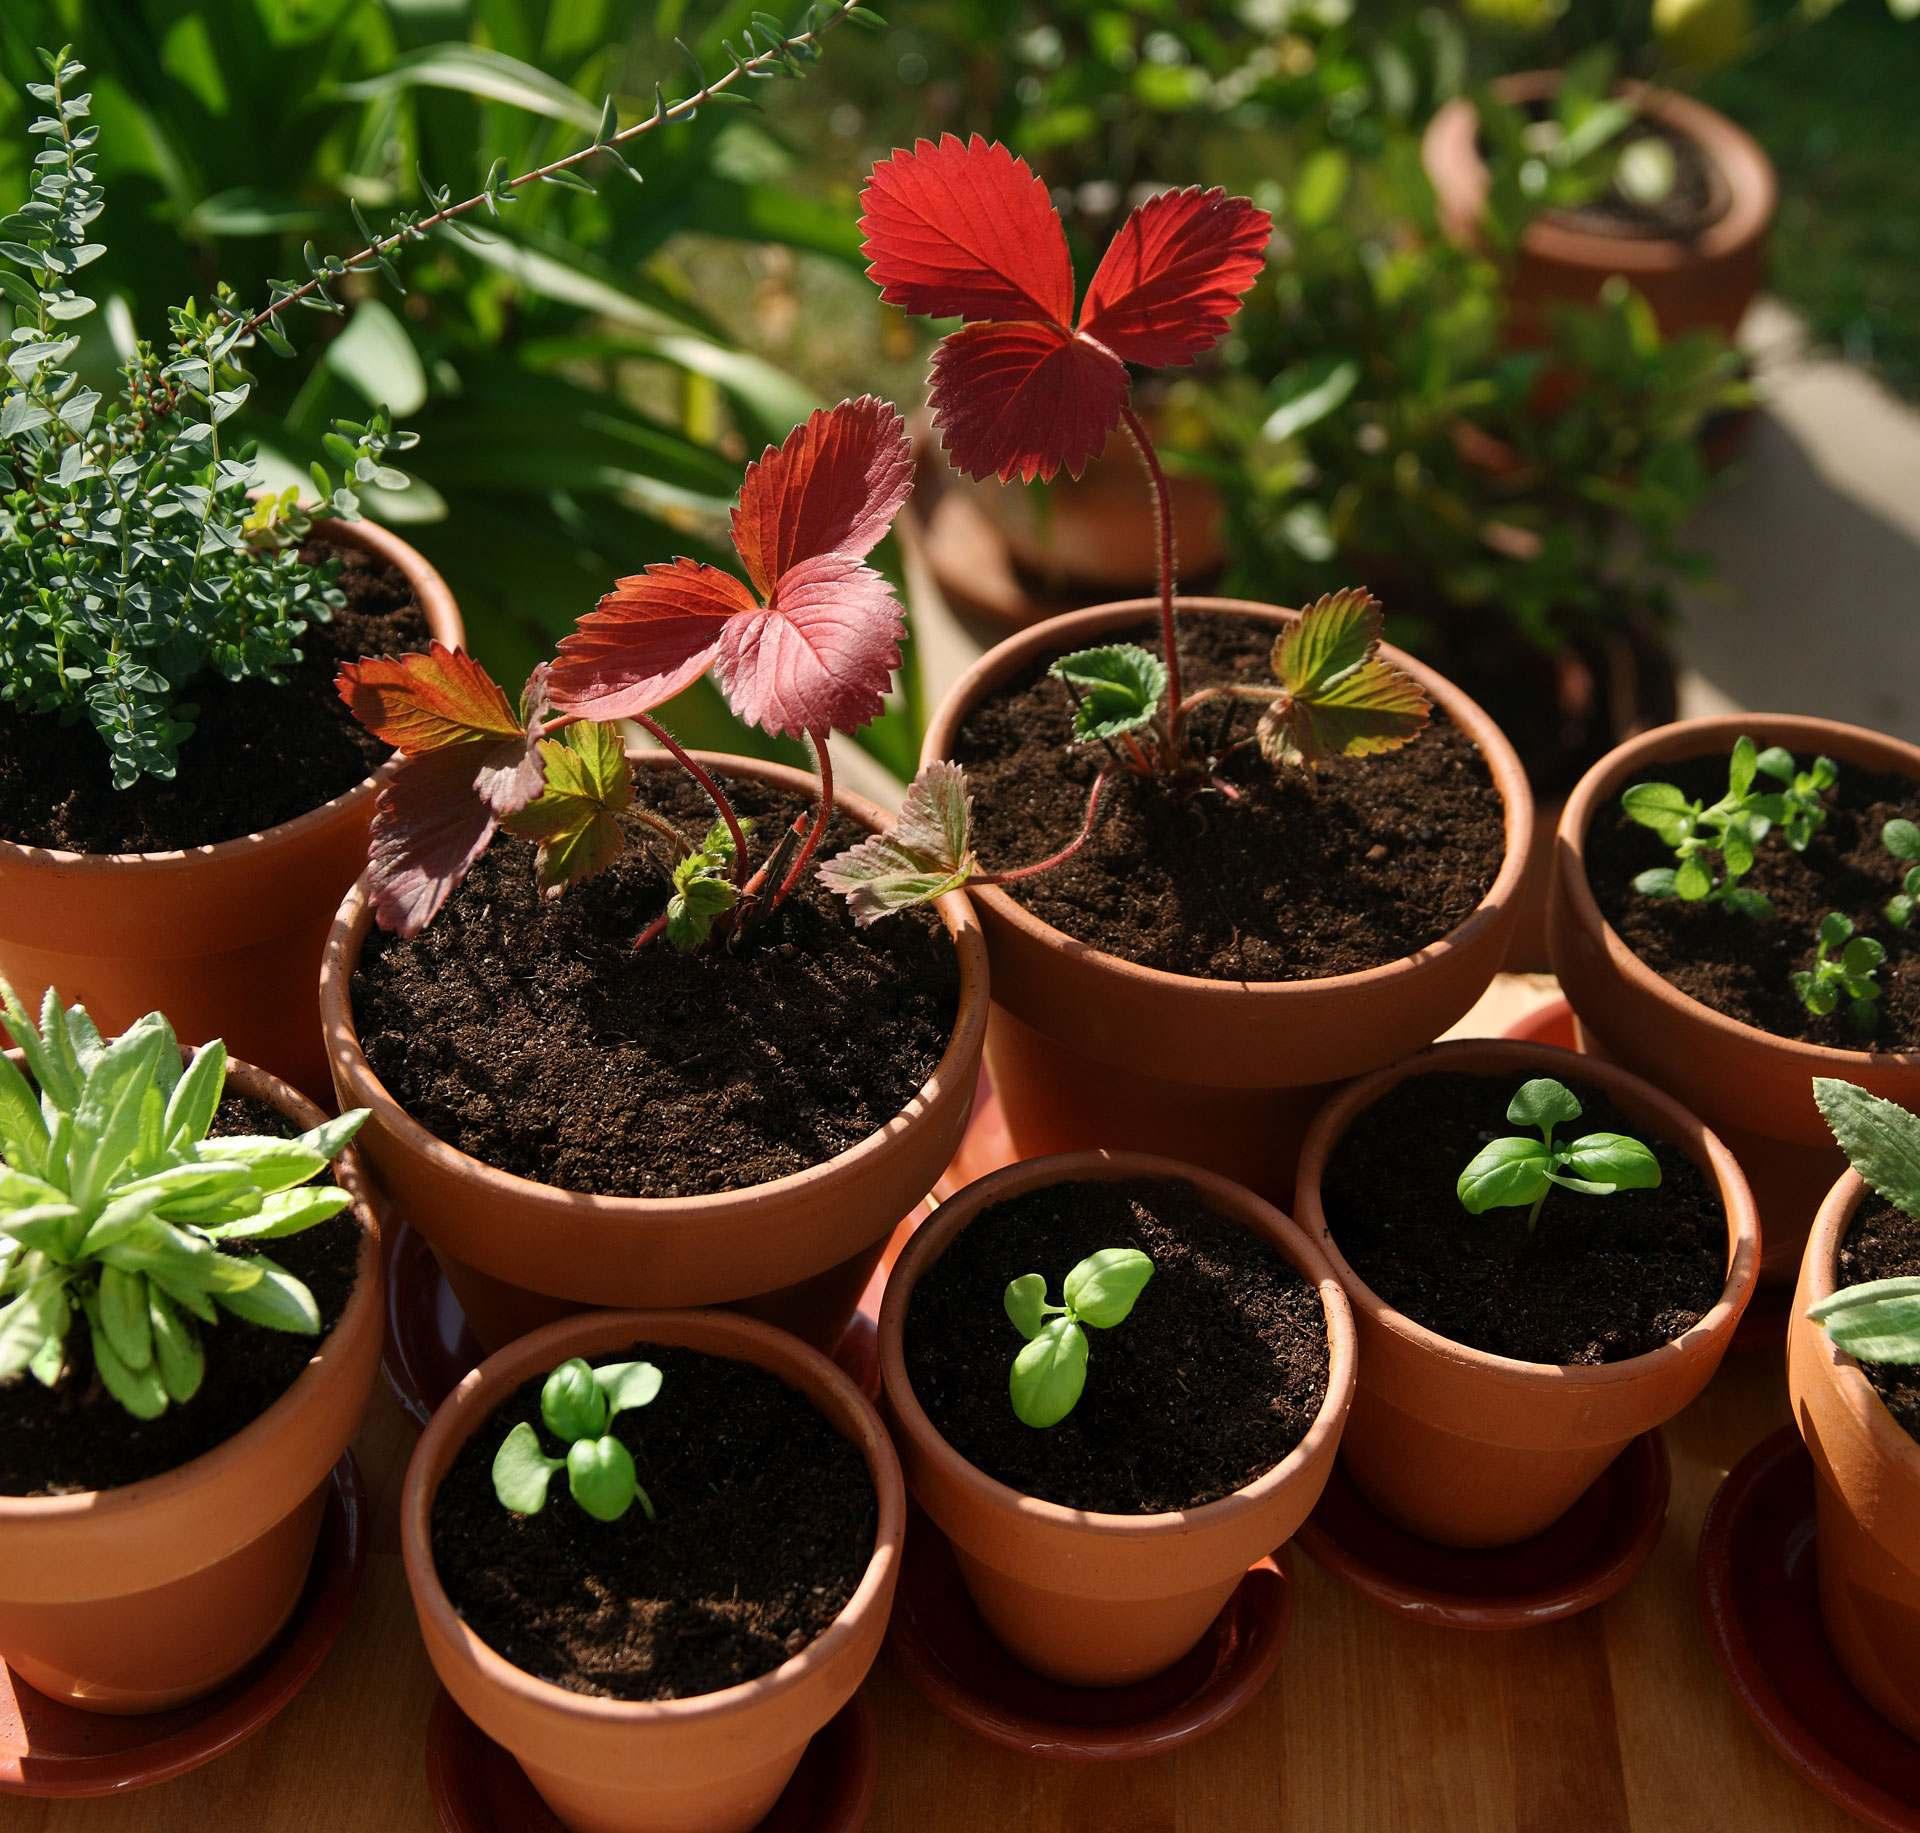 Vorgezogene Pflanzen bereit zum Auspflanzen